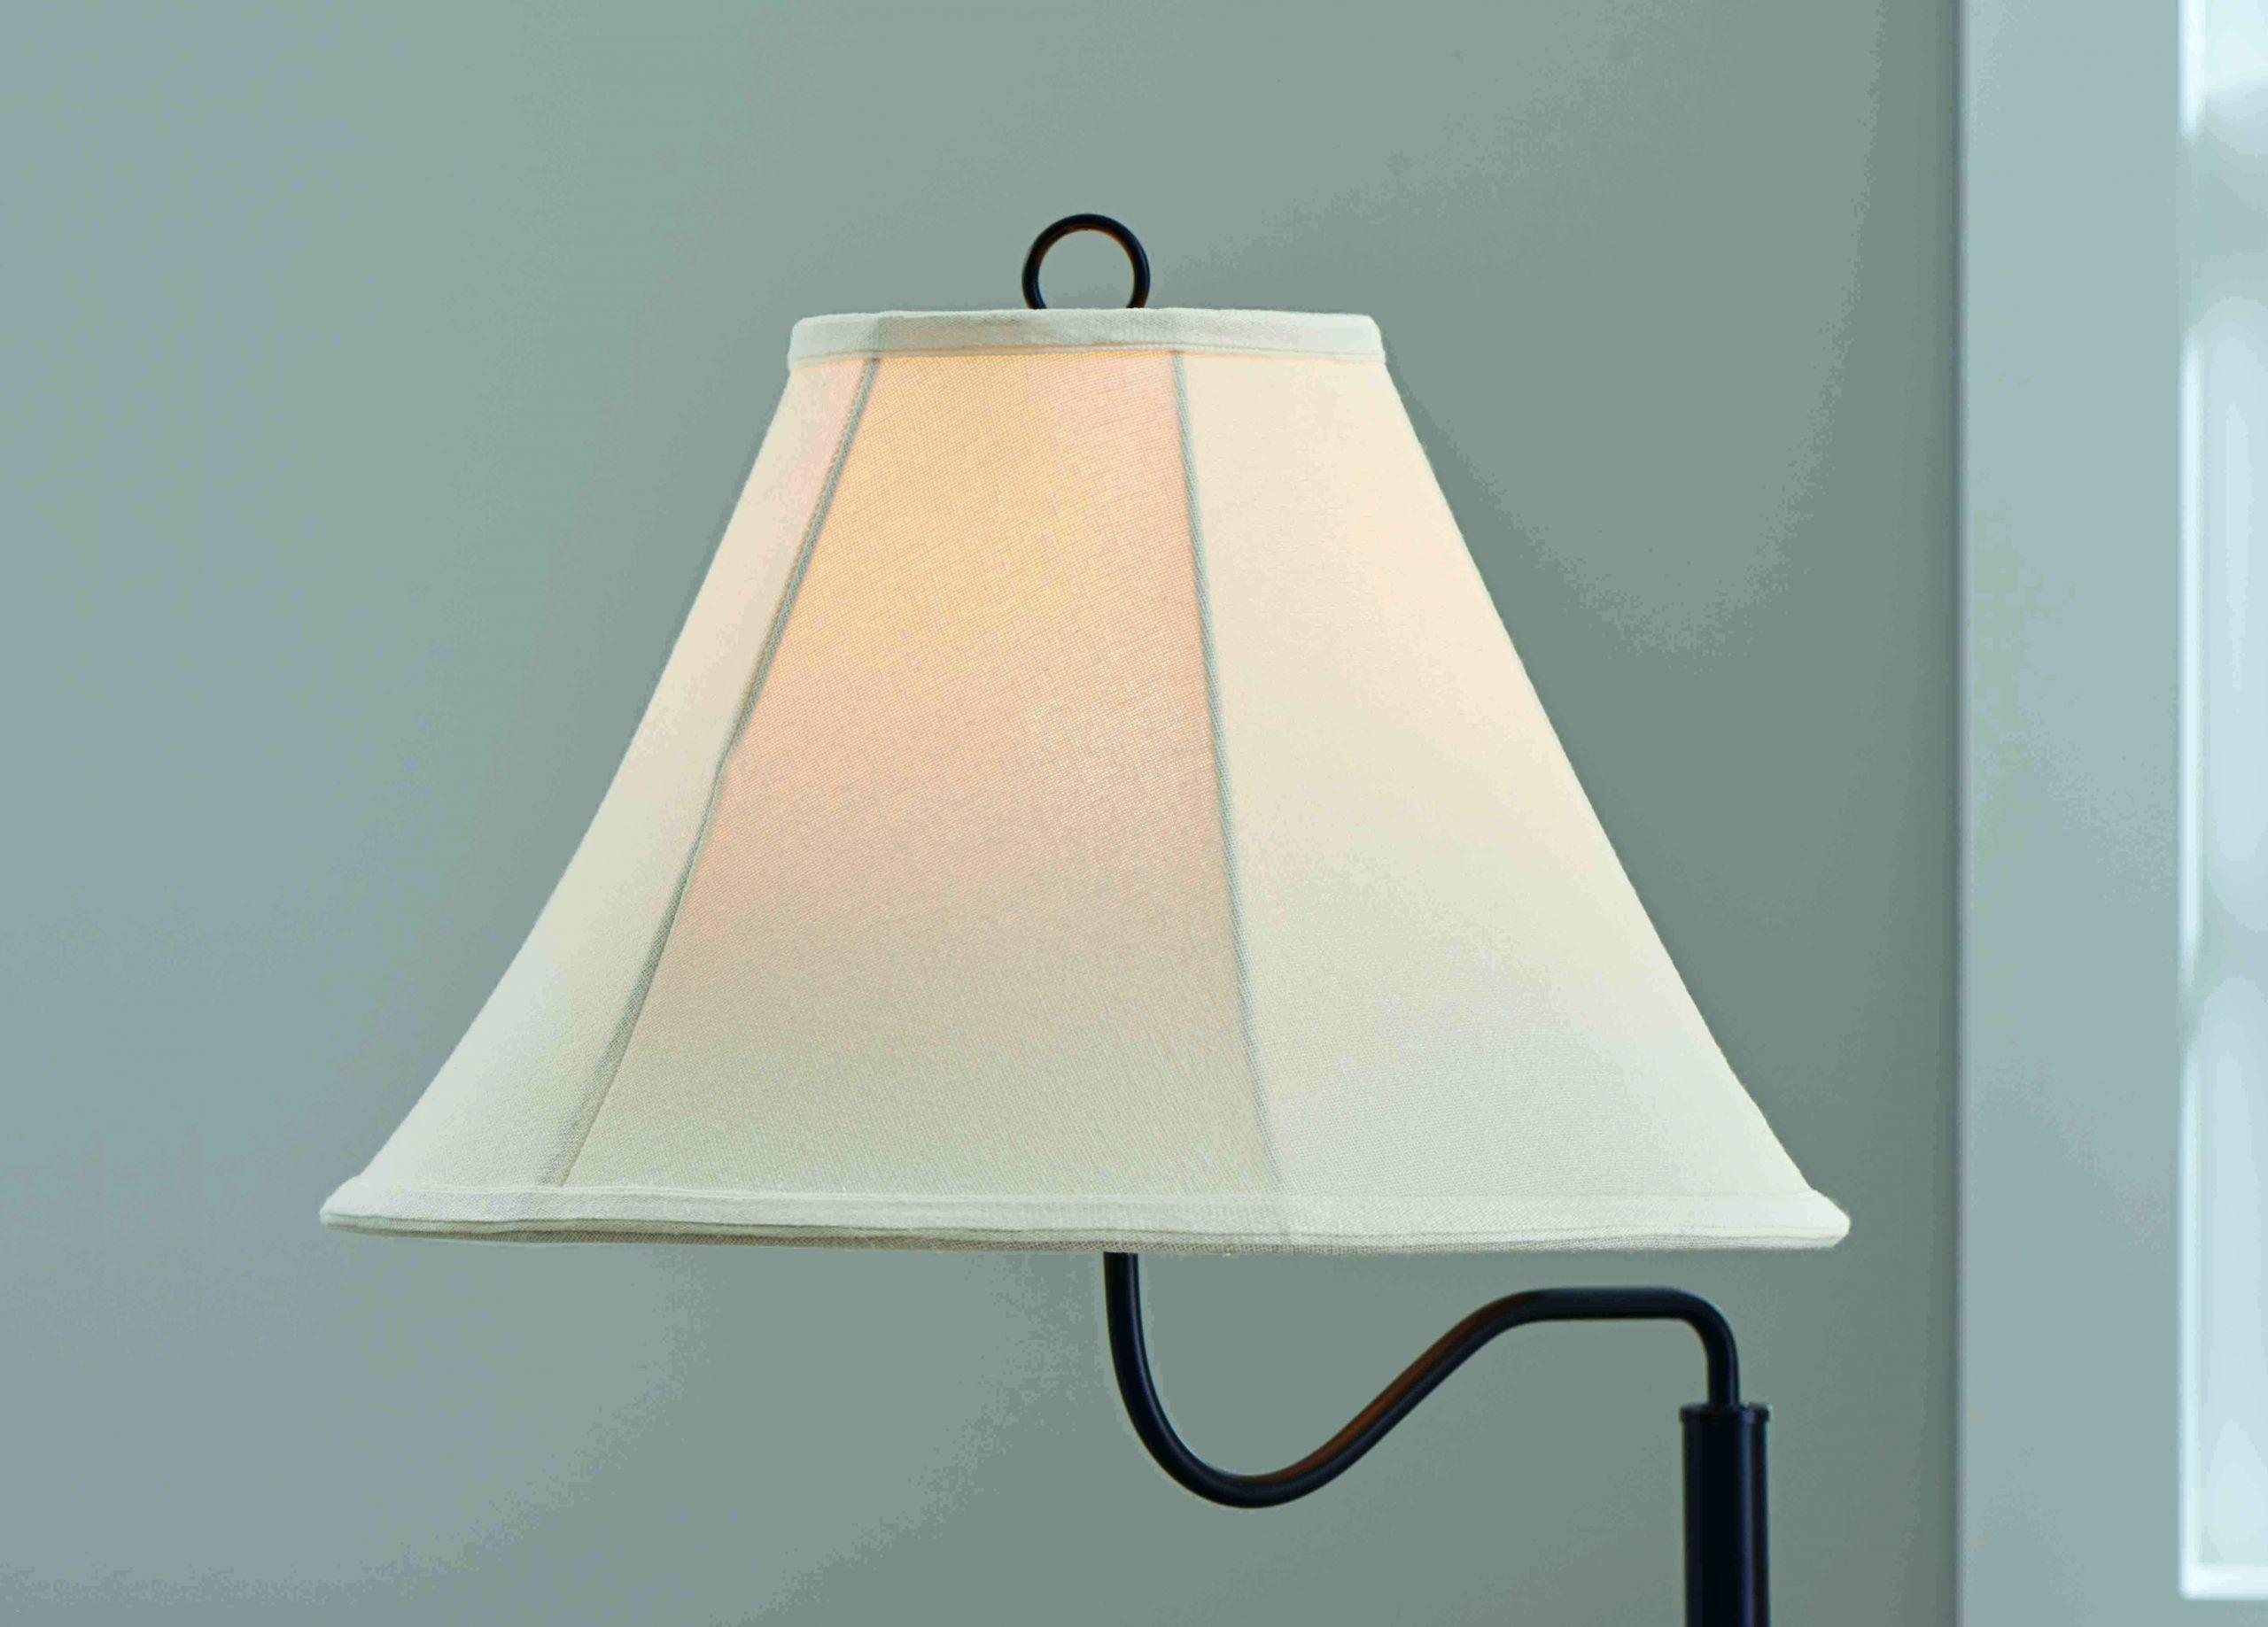 led lampe esstisch reizend led beleuchtung garten neu elegant esstisch eiche metall of led lampe esstisch